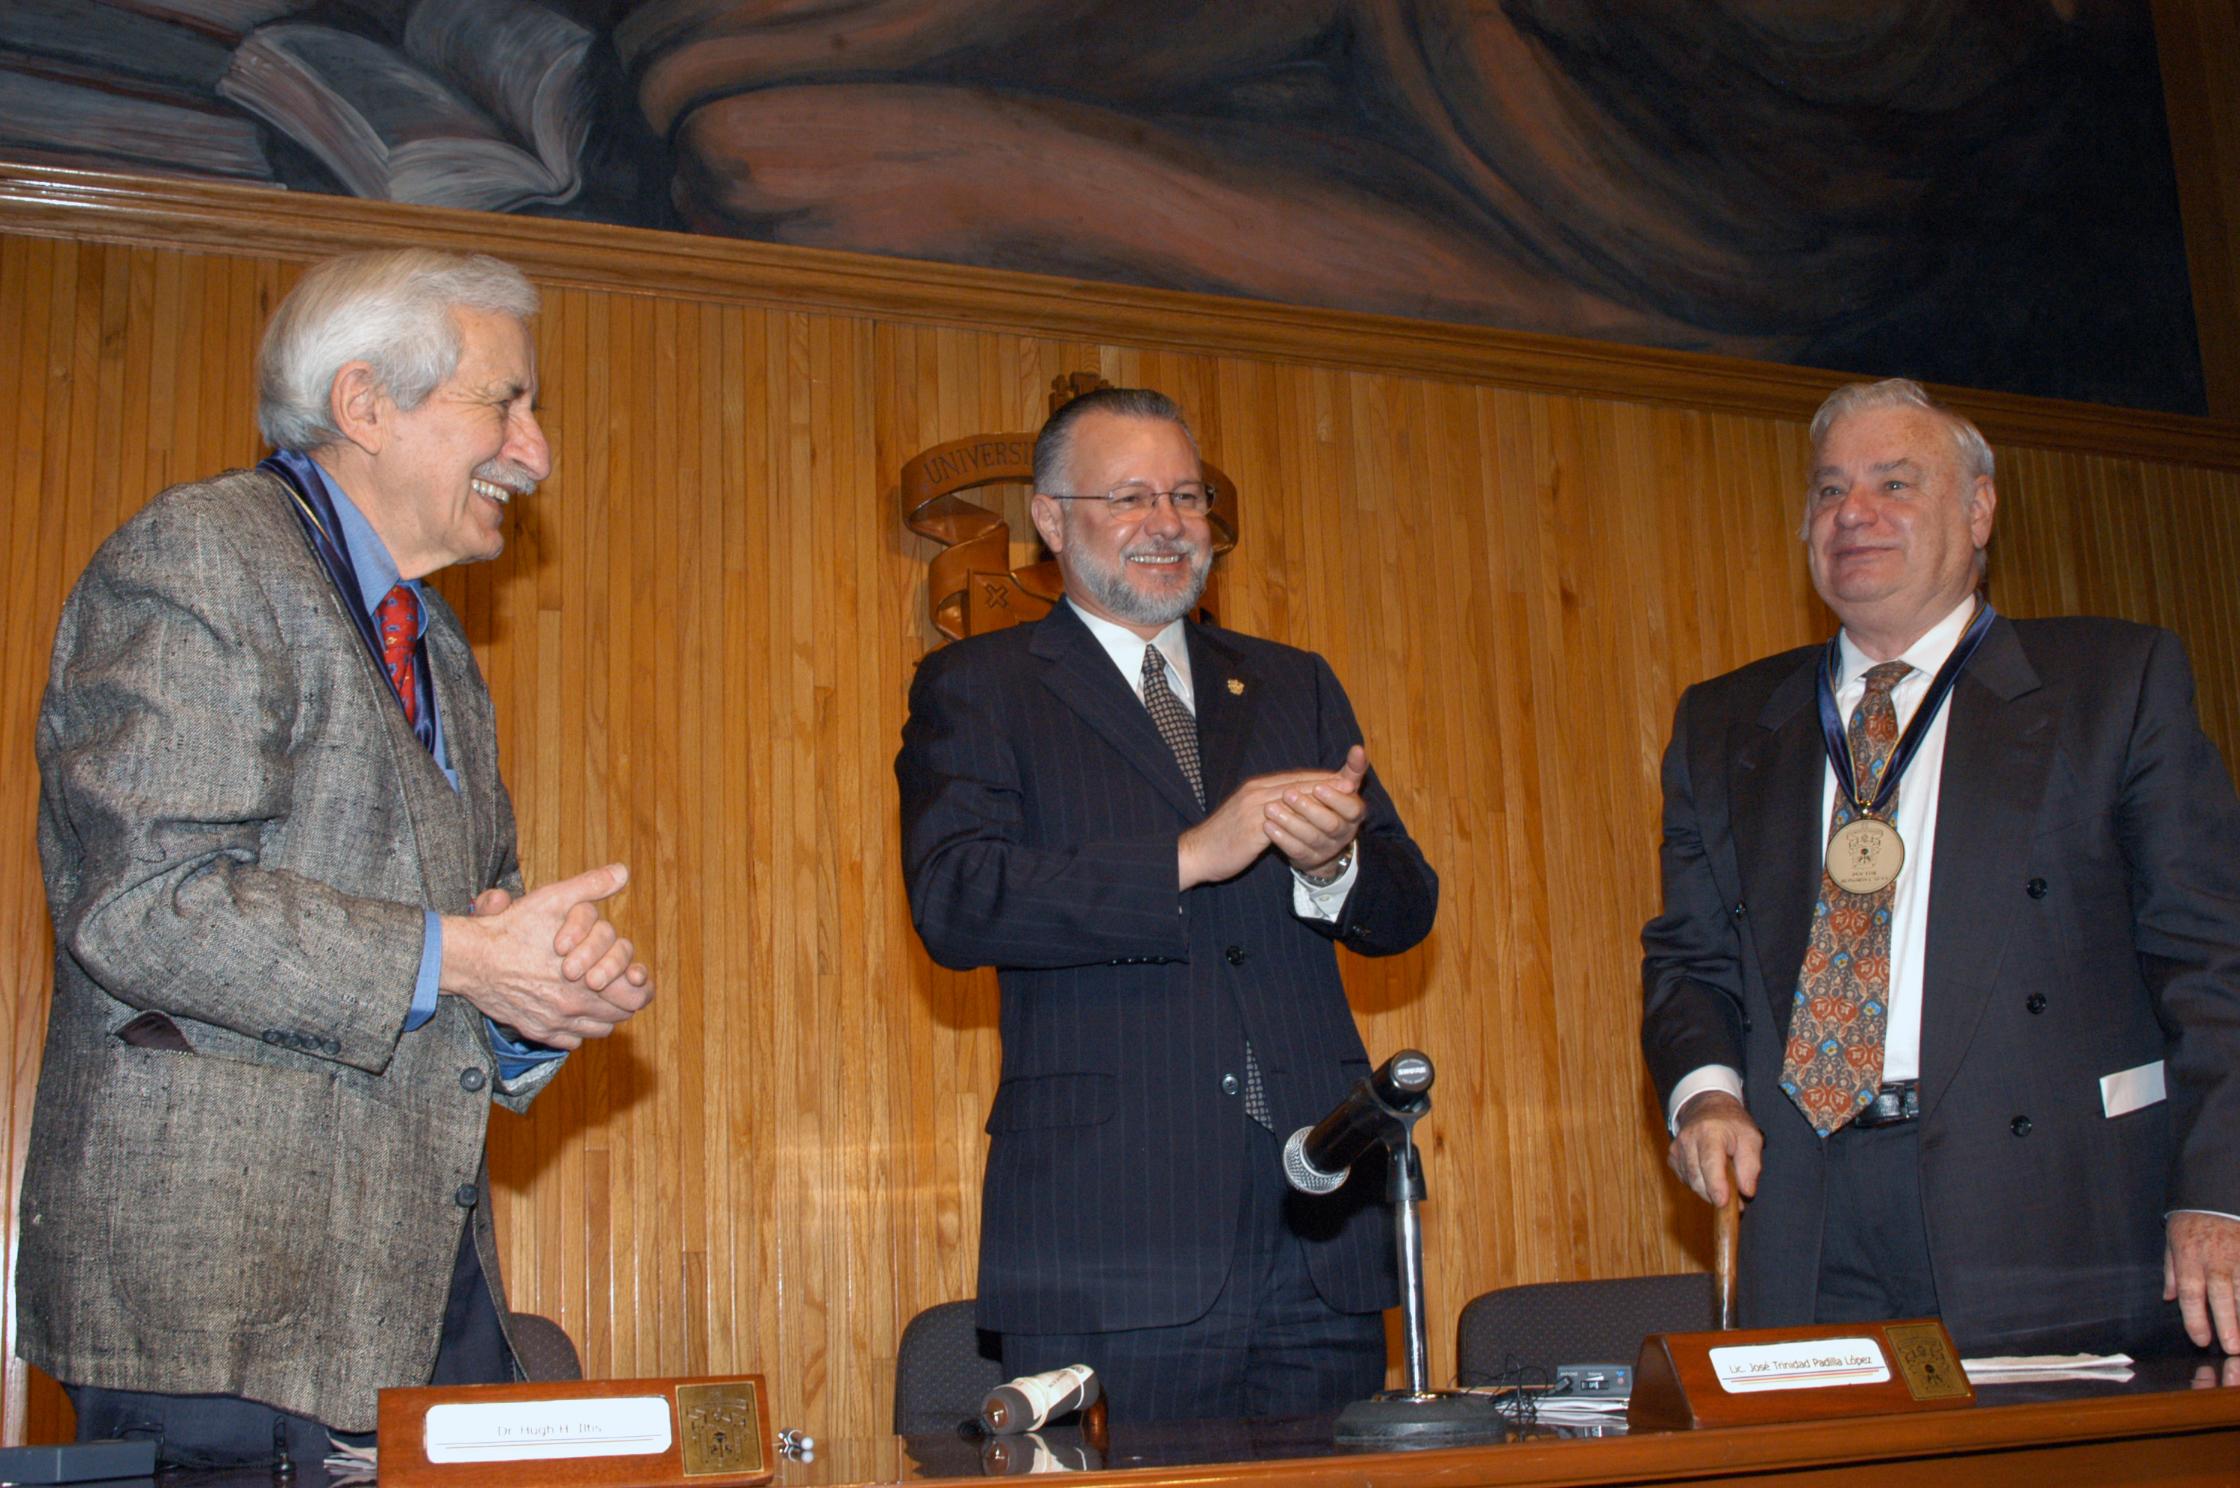 VI Coloquio Internacional sobre Biodiversidad, Recursos Naturales y Sociedad